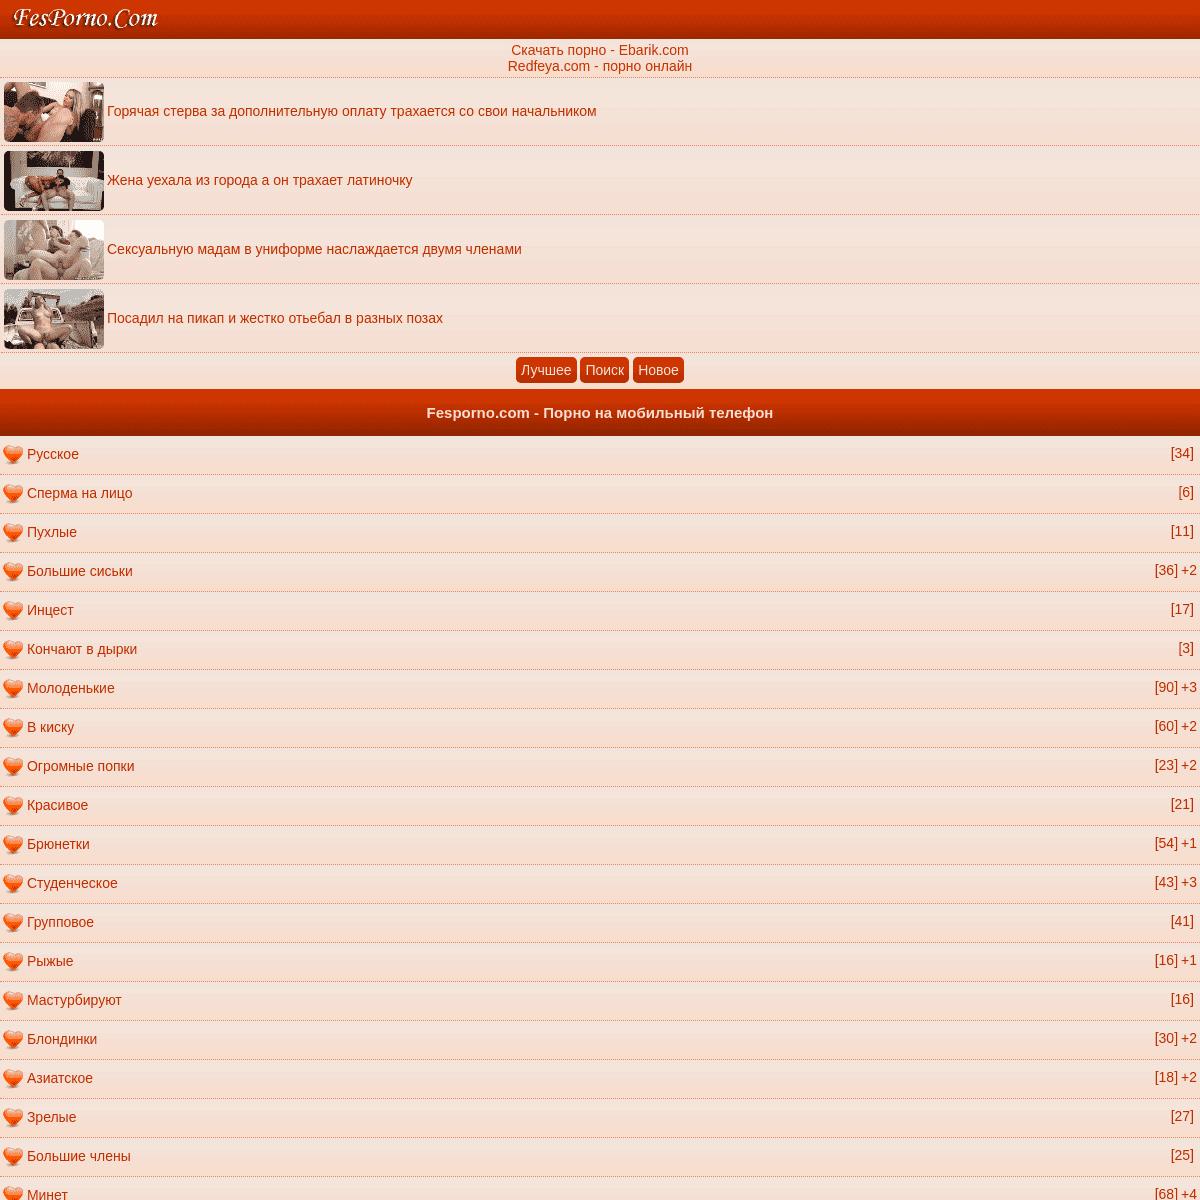 Порно На Тел 3gp Скачать Бесплатно